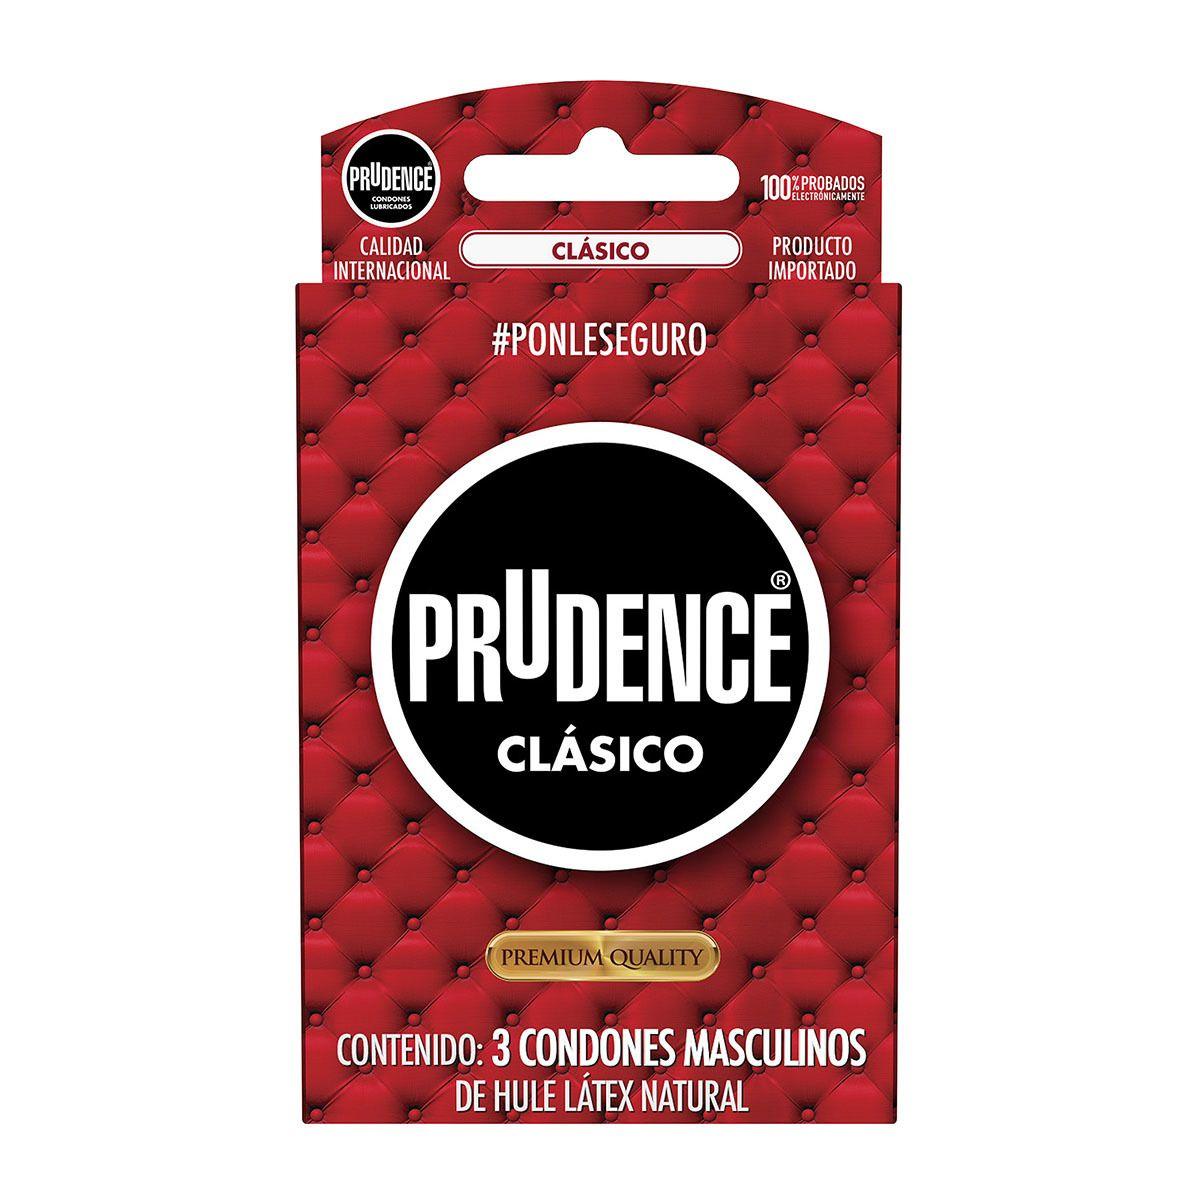 Farmacias del ahorro, 4 x 2 Condones Clásico Prudence